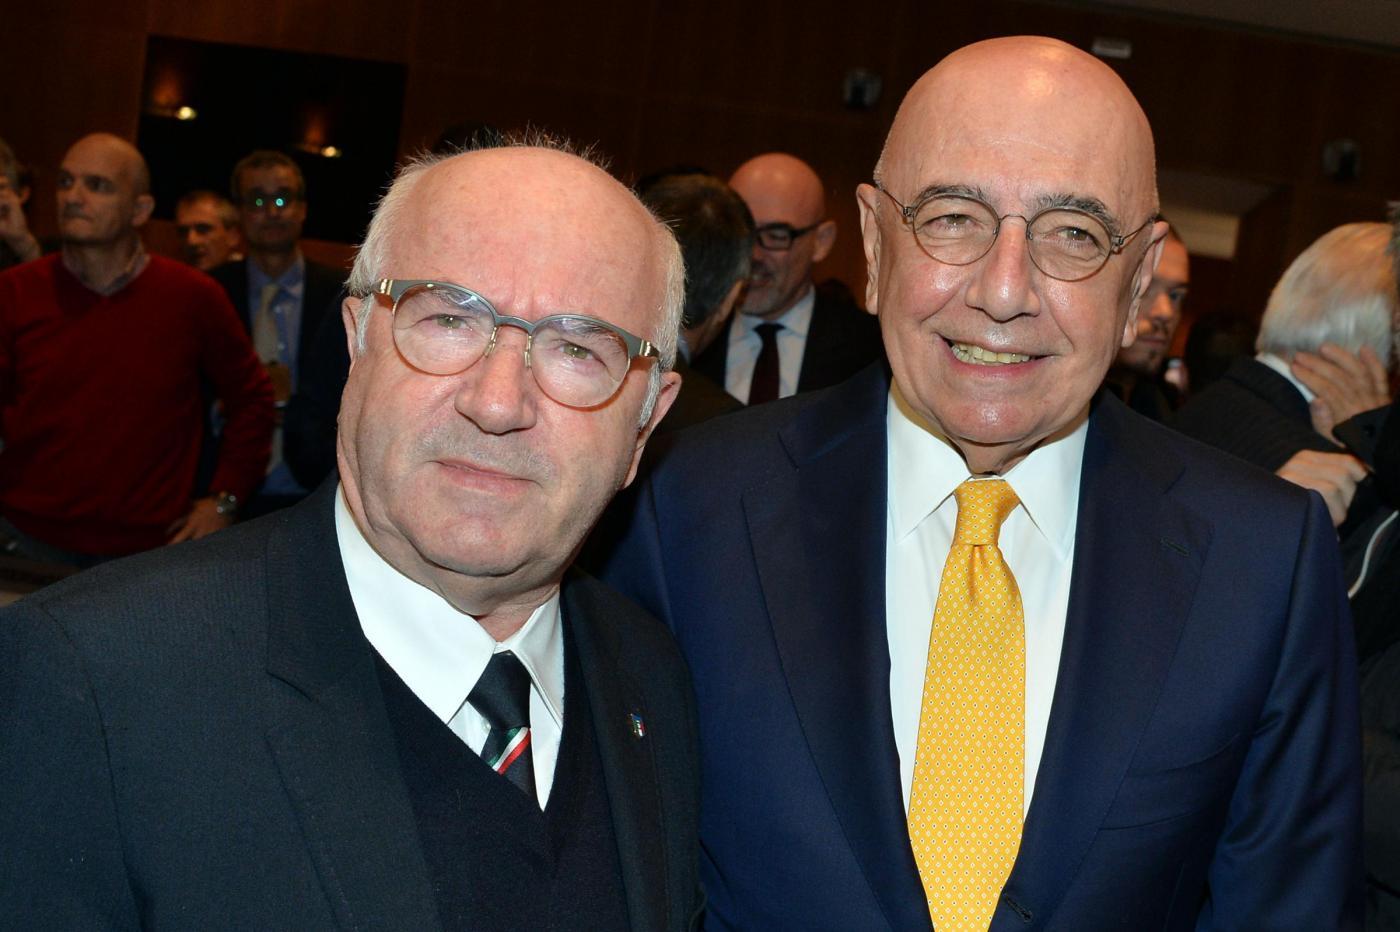 FIGC - Carlo Tavecchio pensa alle dimissioni nel Consiglio federale